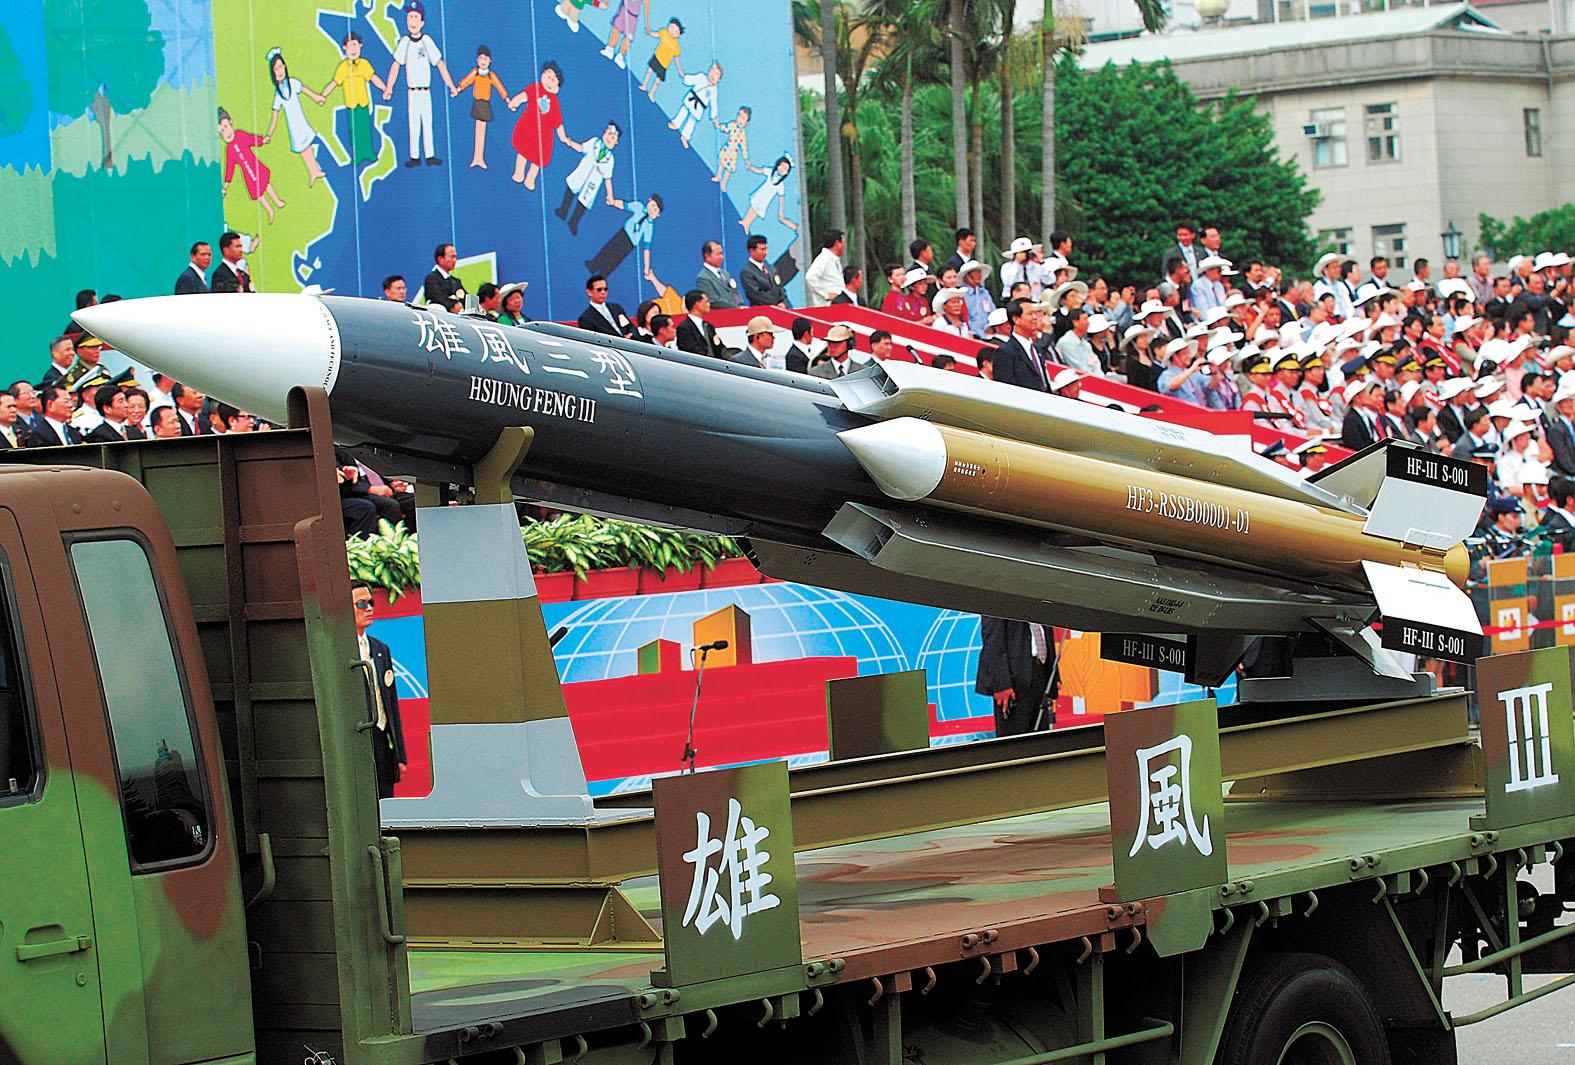 台灣擬向美國購買能與自主研發的「雄風」導彈系統協同的巡航導彈,以提升岸防能力。圖為「雄風三型」導彈。資料圖片